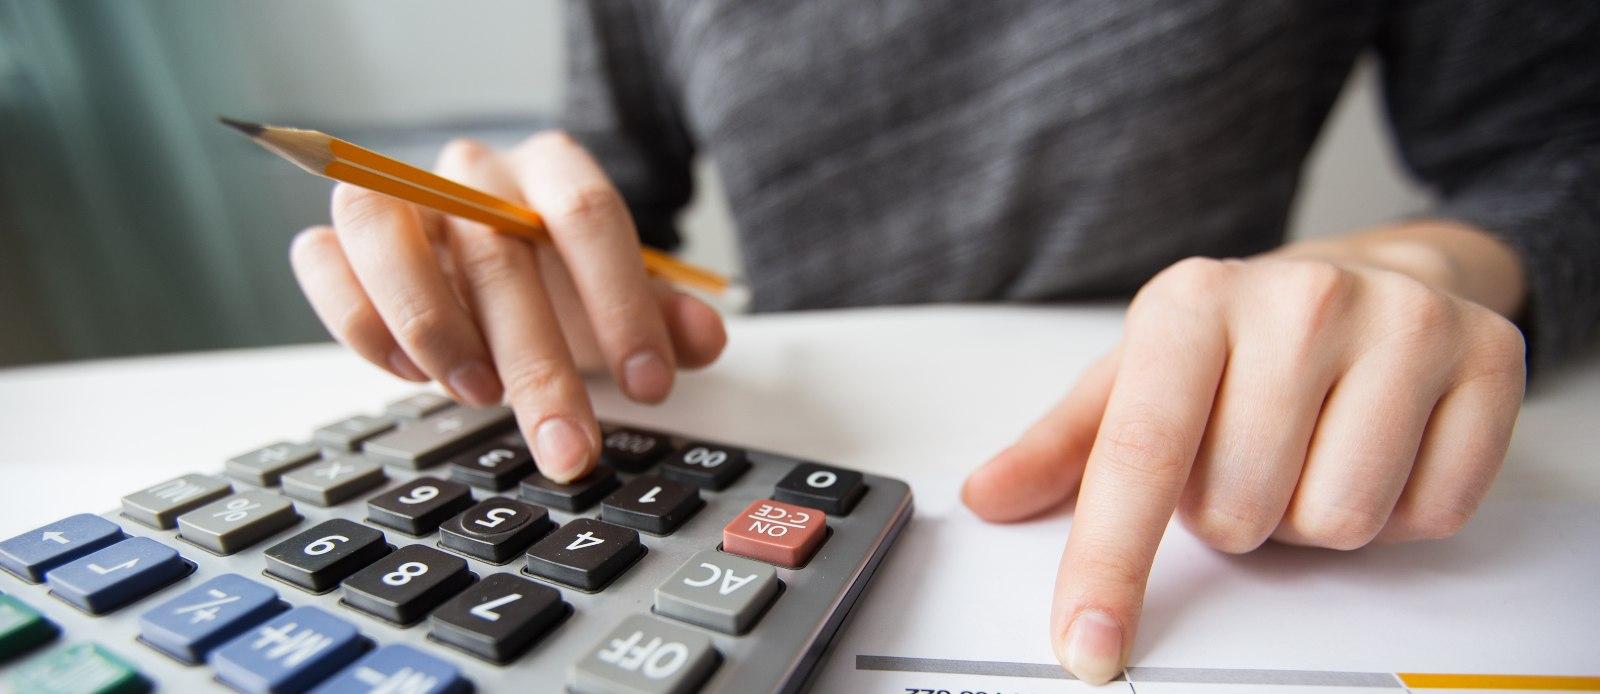 Cuenta bancaria para condominios: ¿Qué opciones existen?